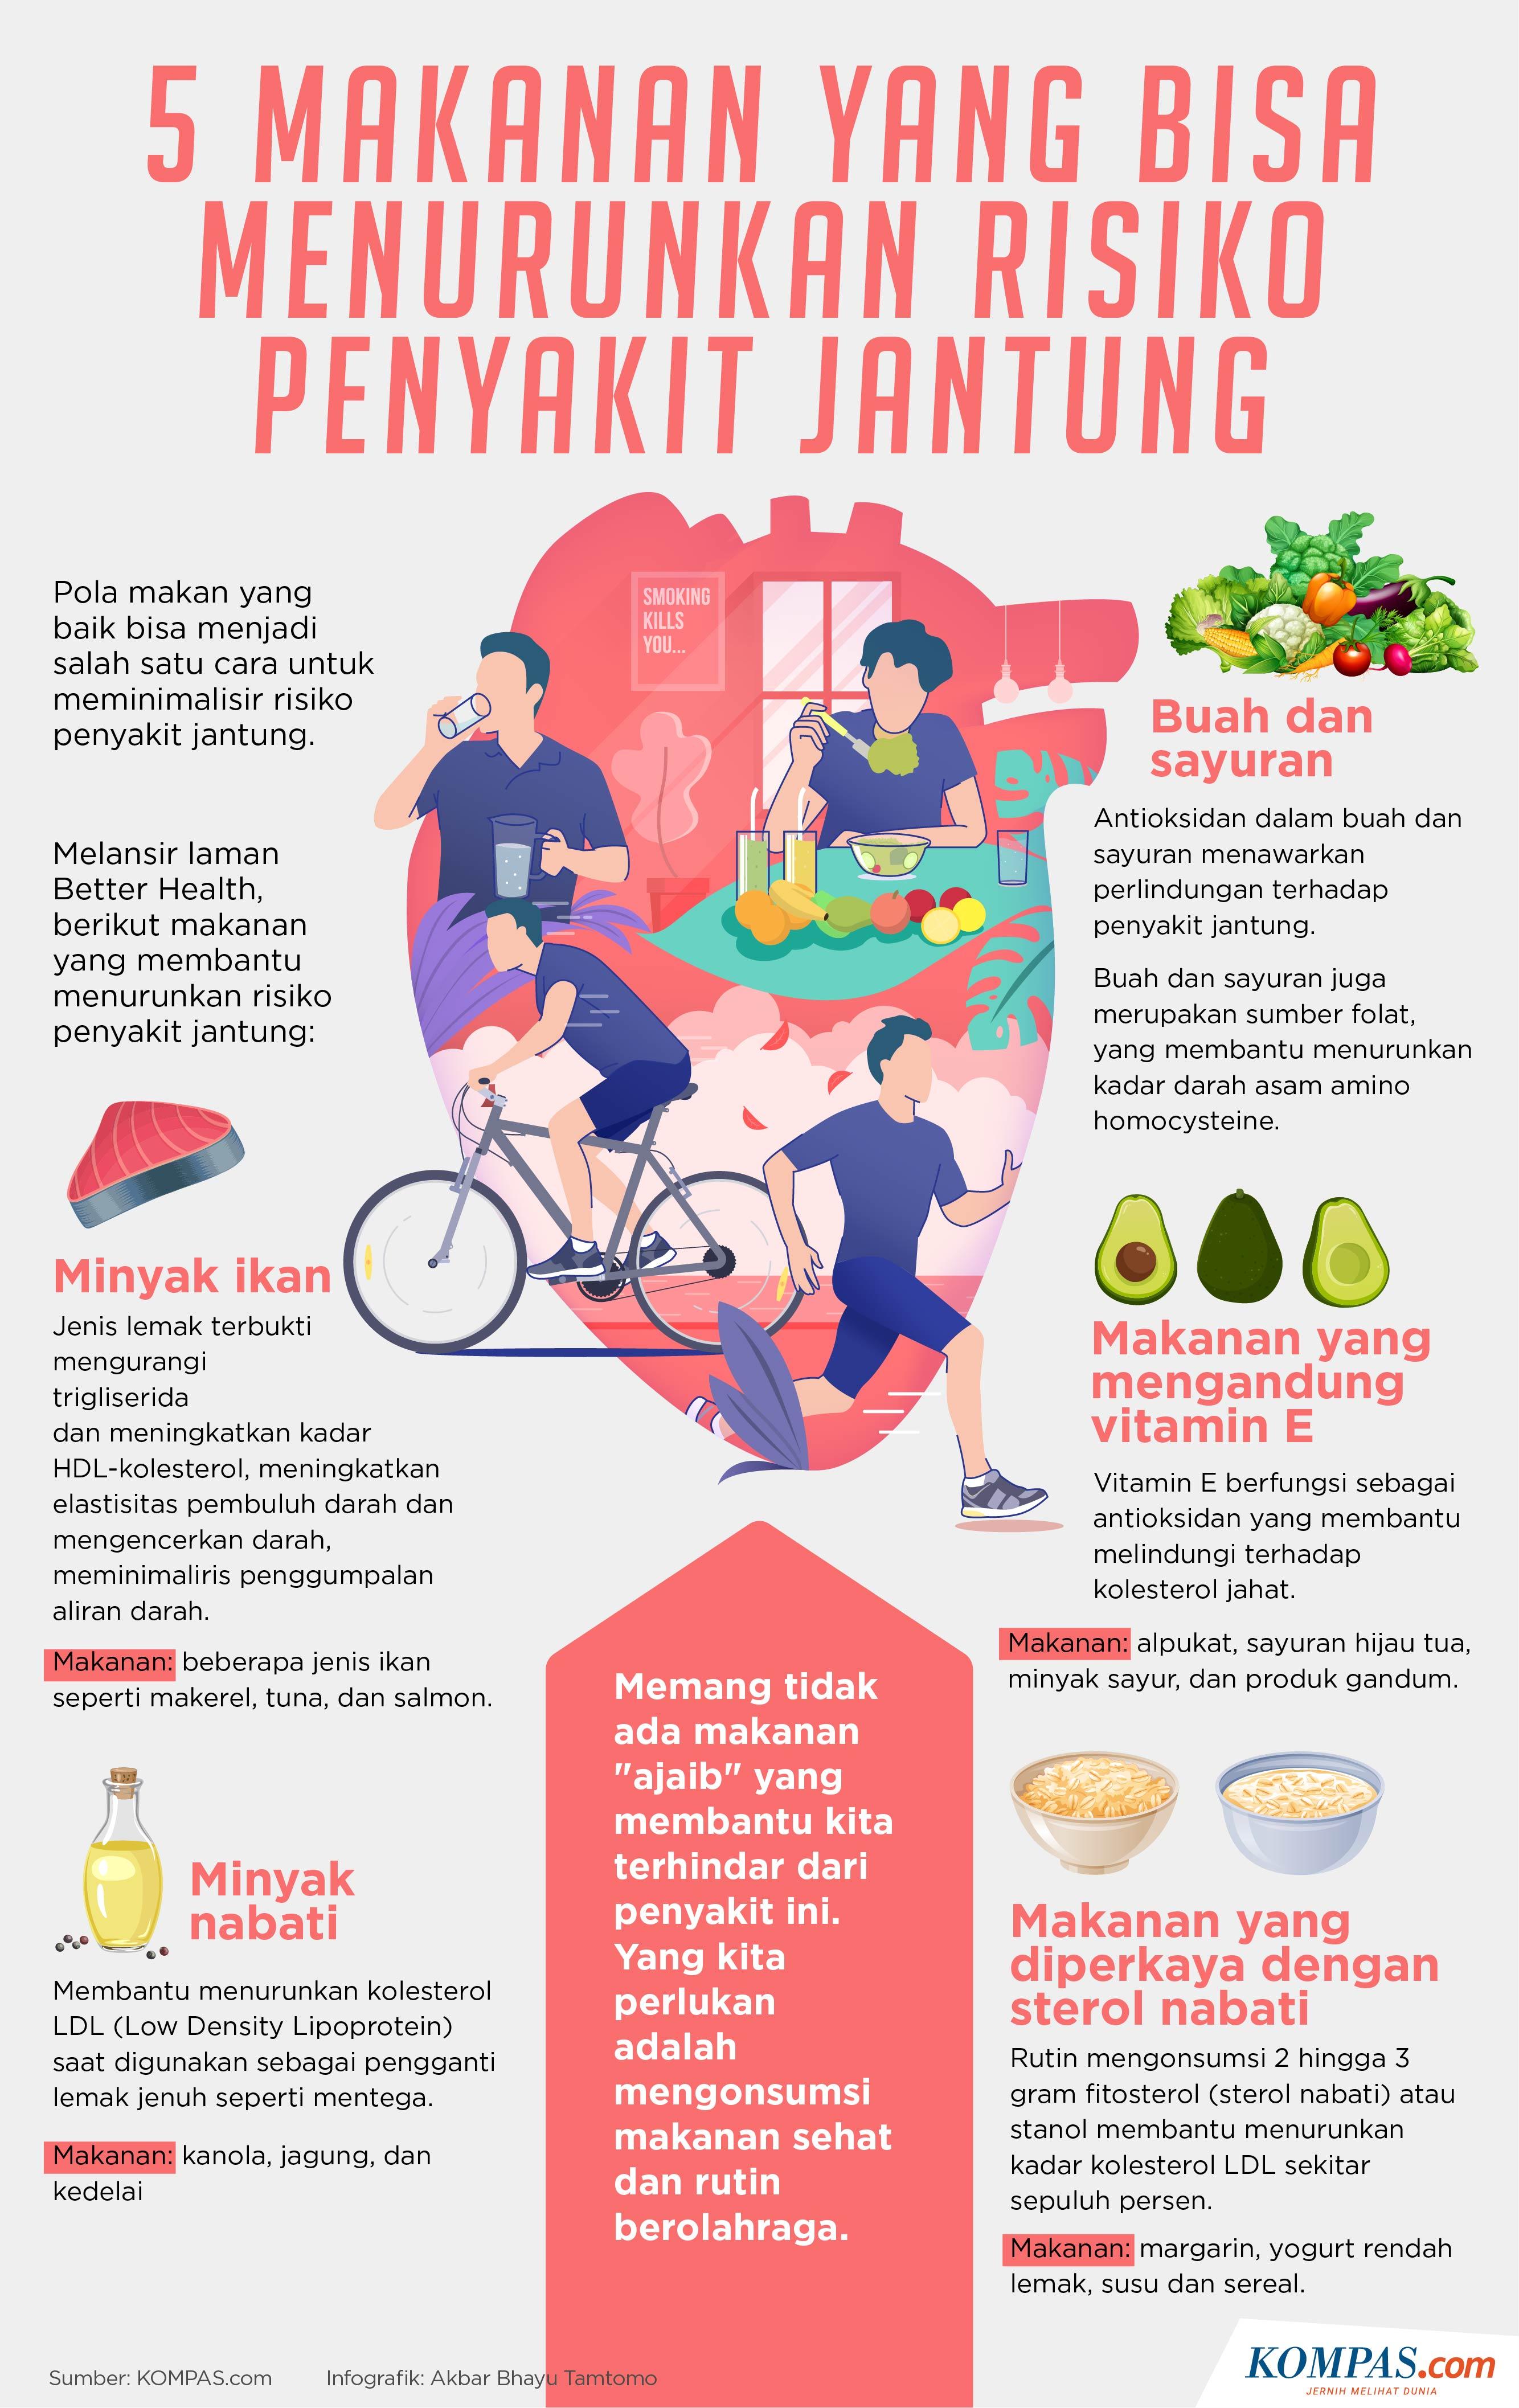 Infografik 5 Makanan Yang Bisa Turunkan Risiko Sakit Jantung